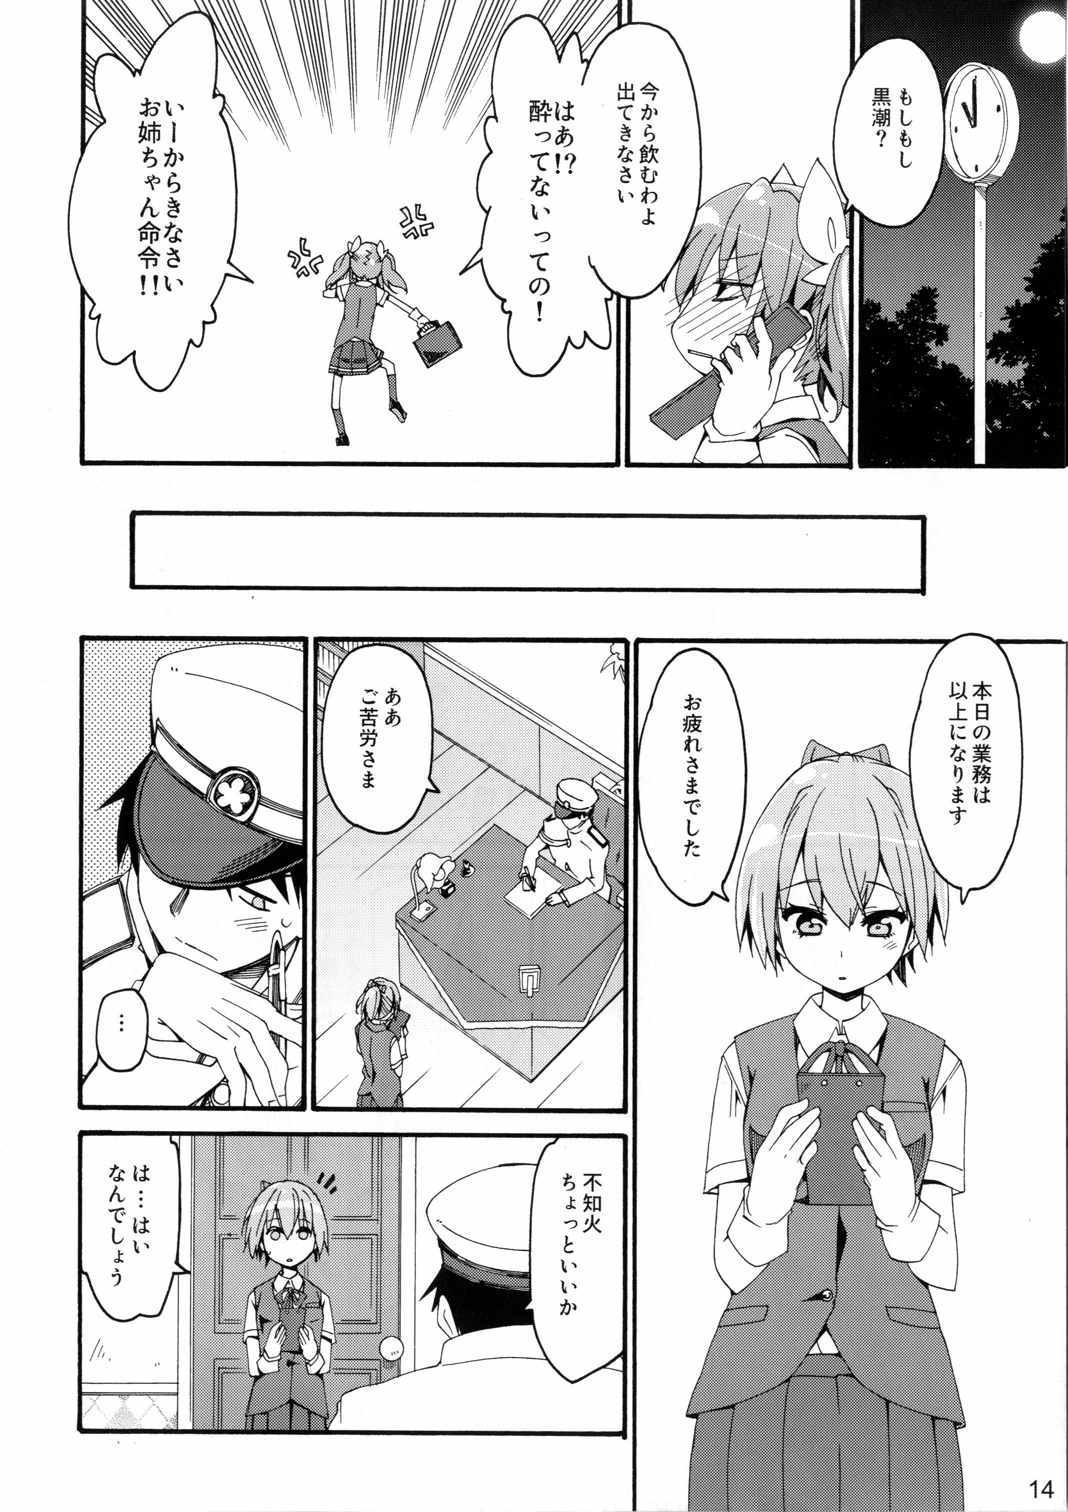 Shiranui wa Teitoku ni... 12